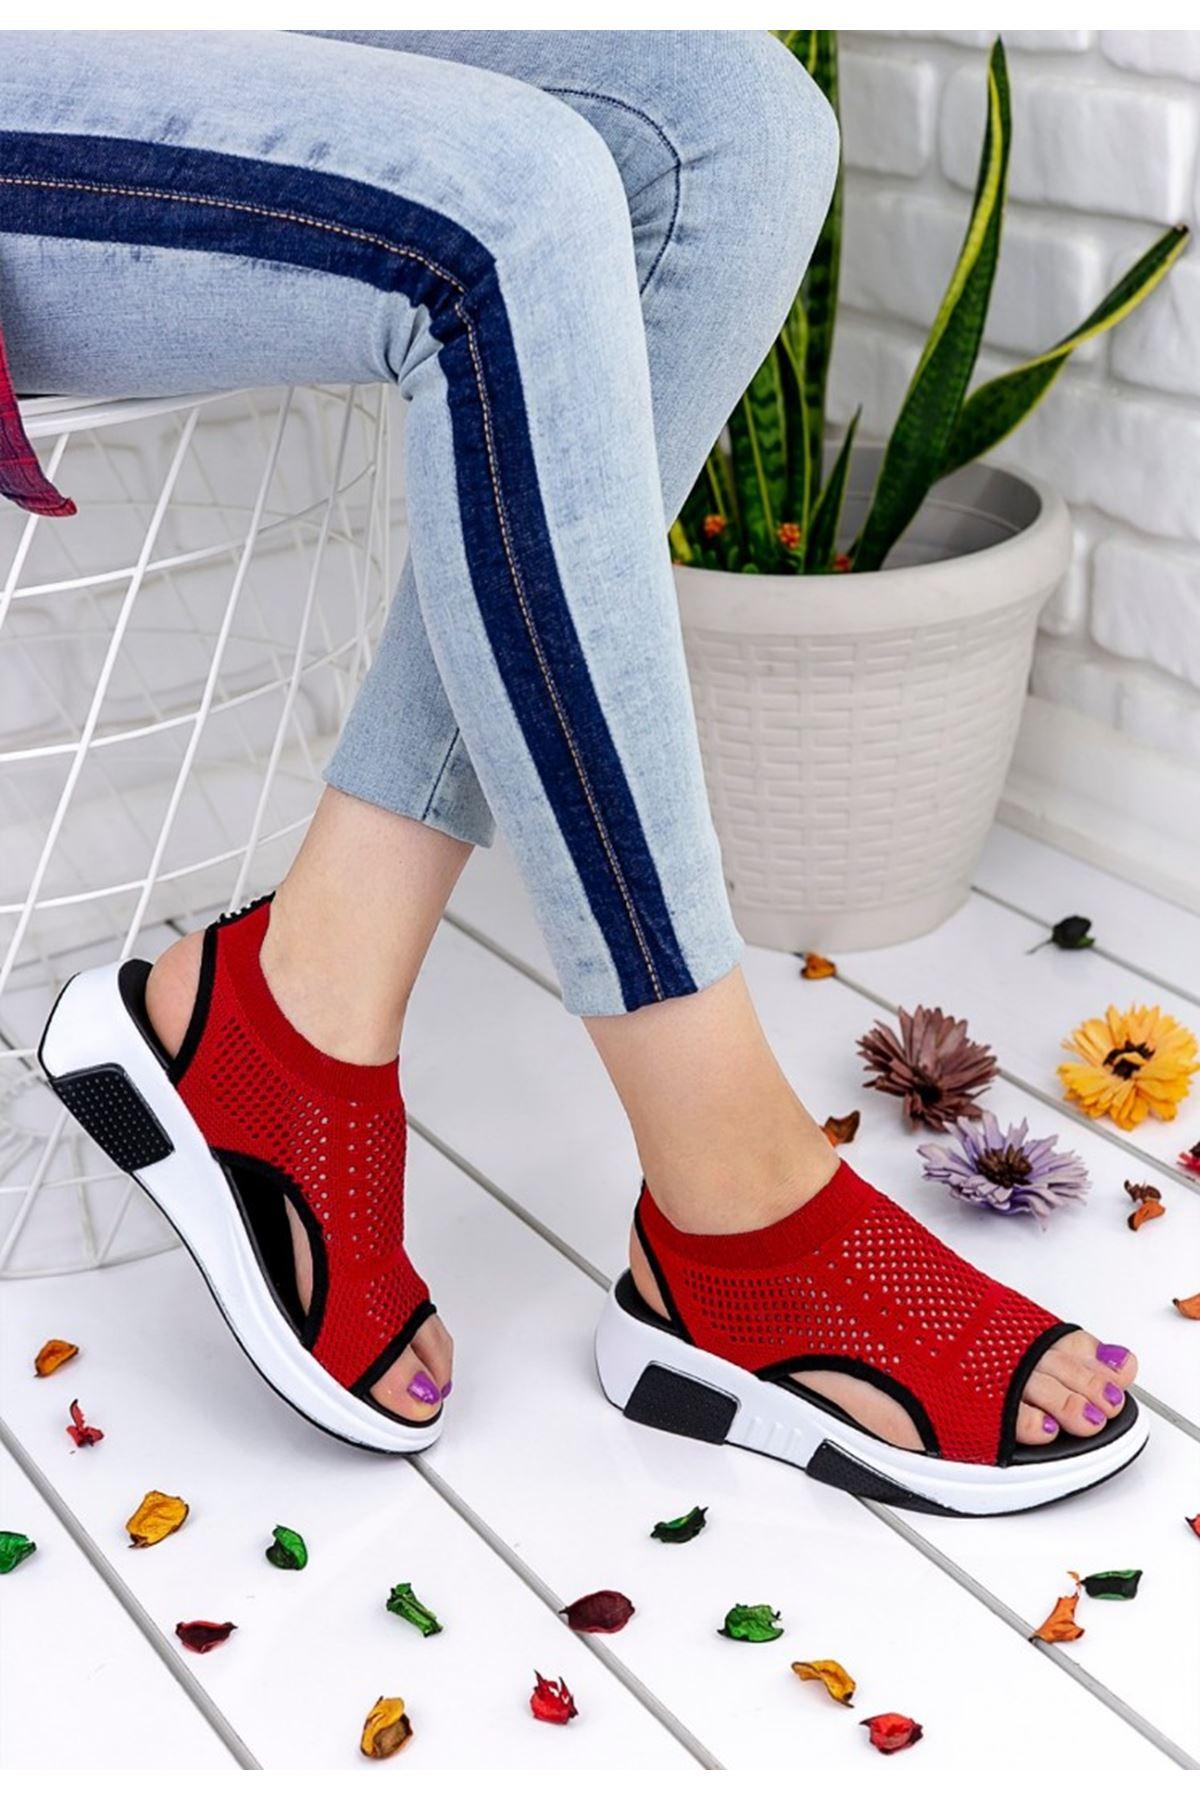 Ashley Çelik Örgü Triko Sandalet Kırmızı